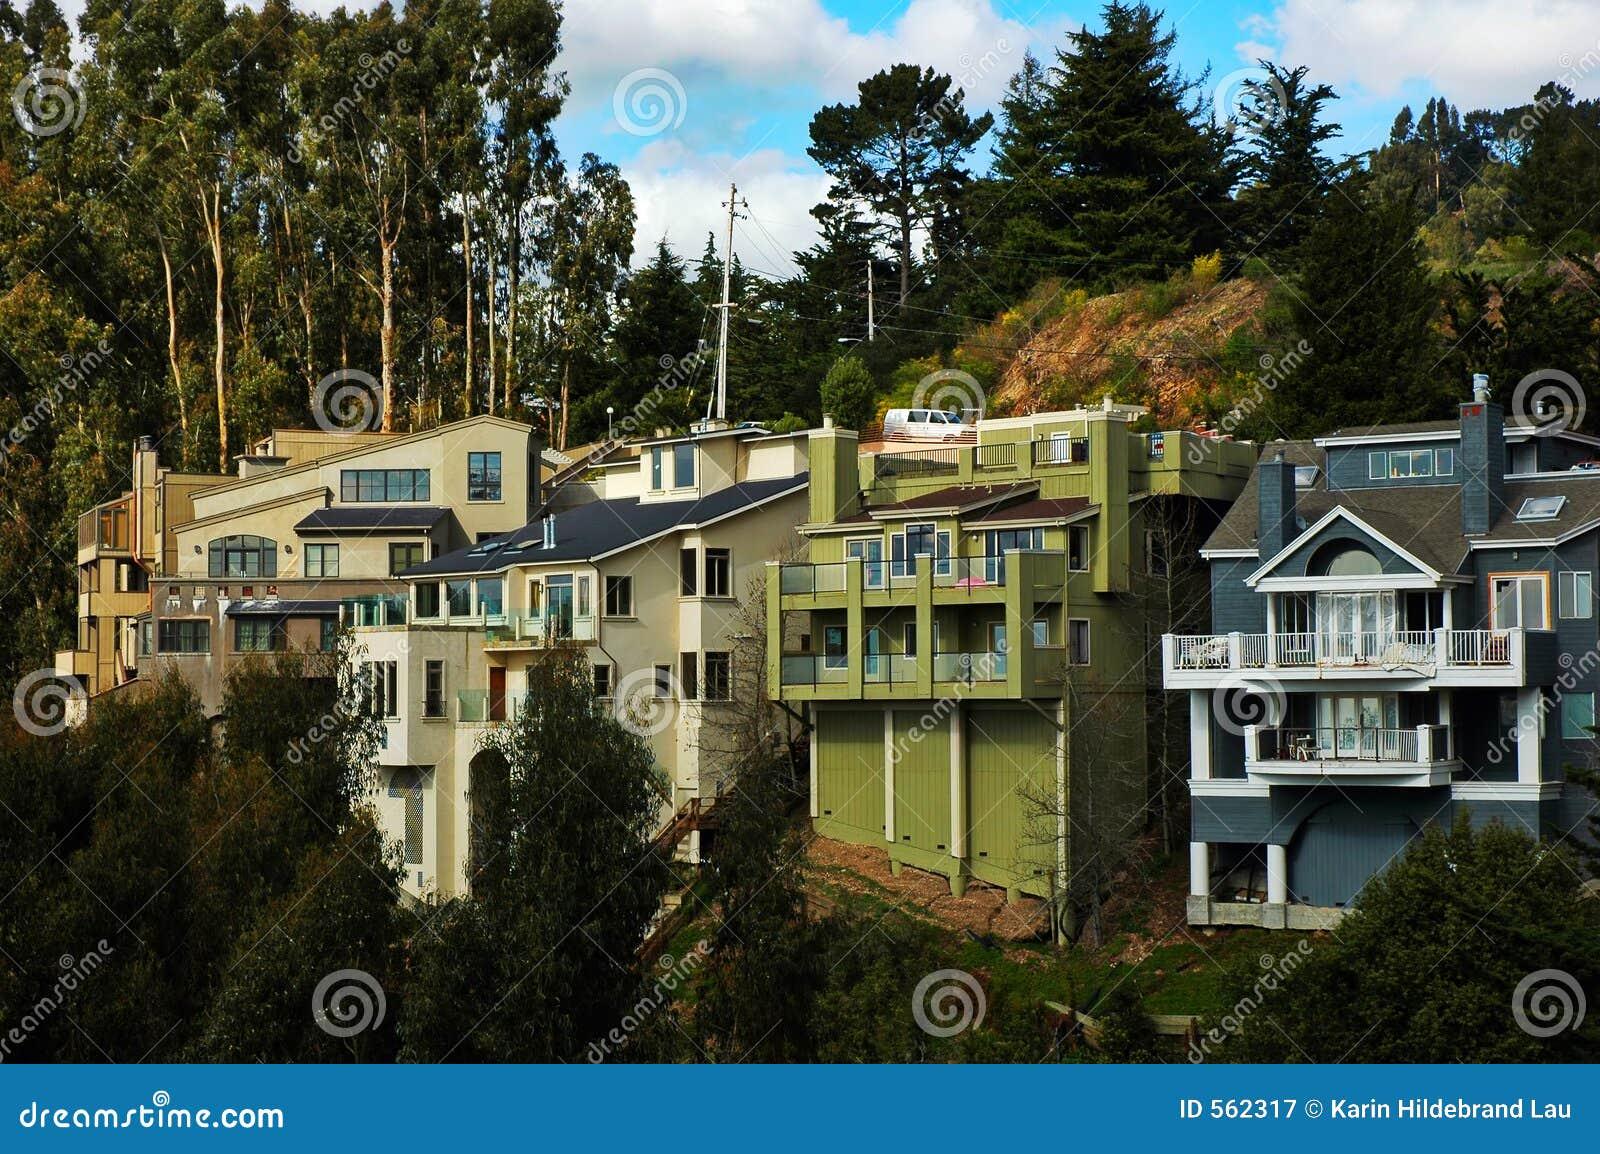 Hillside homes in california stock image image of for Hillside homes